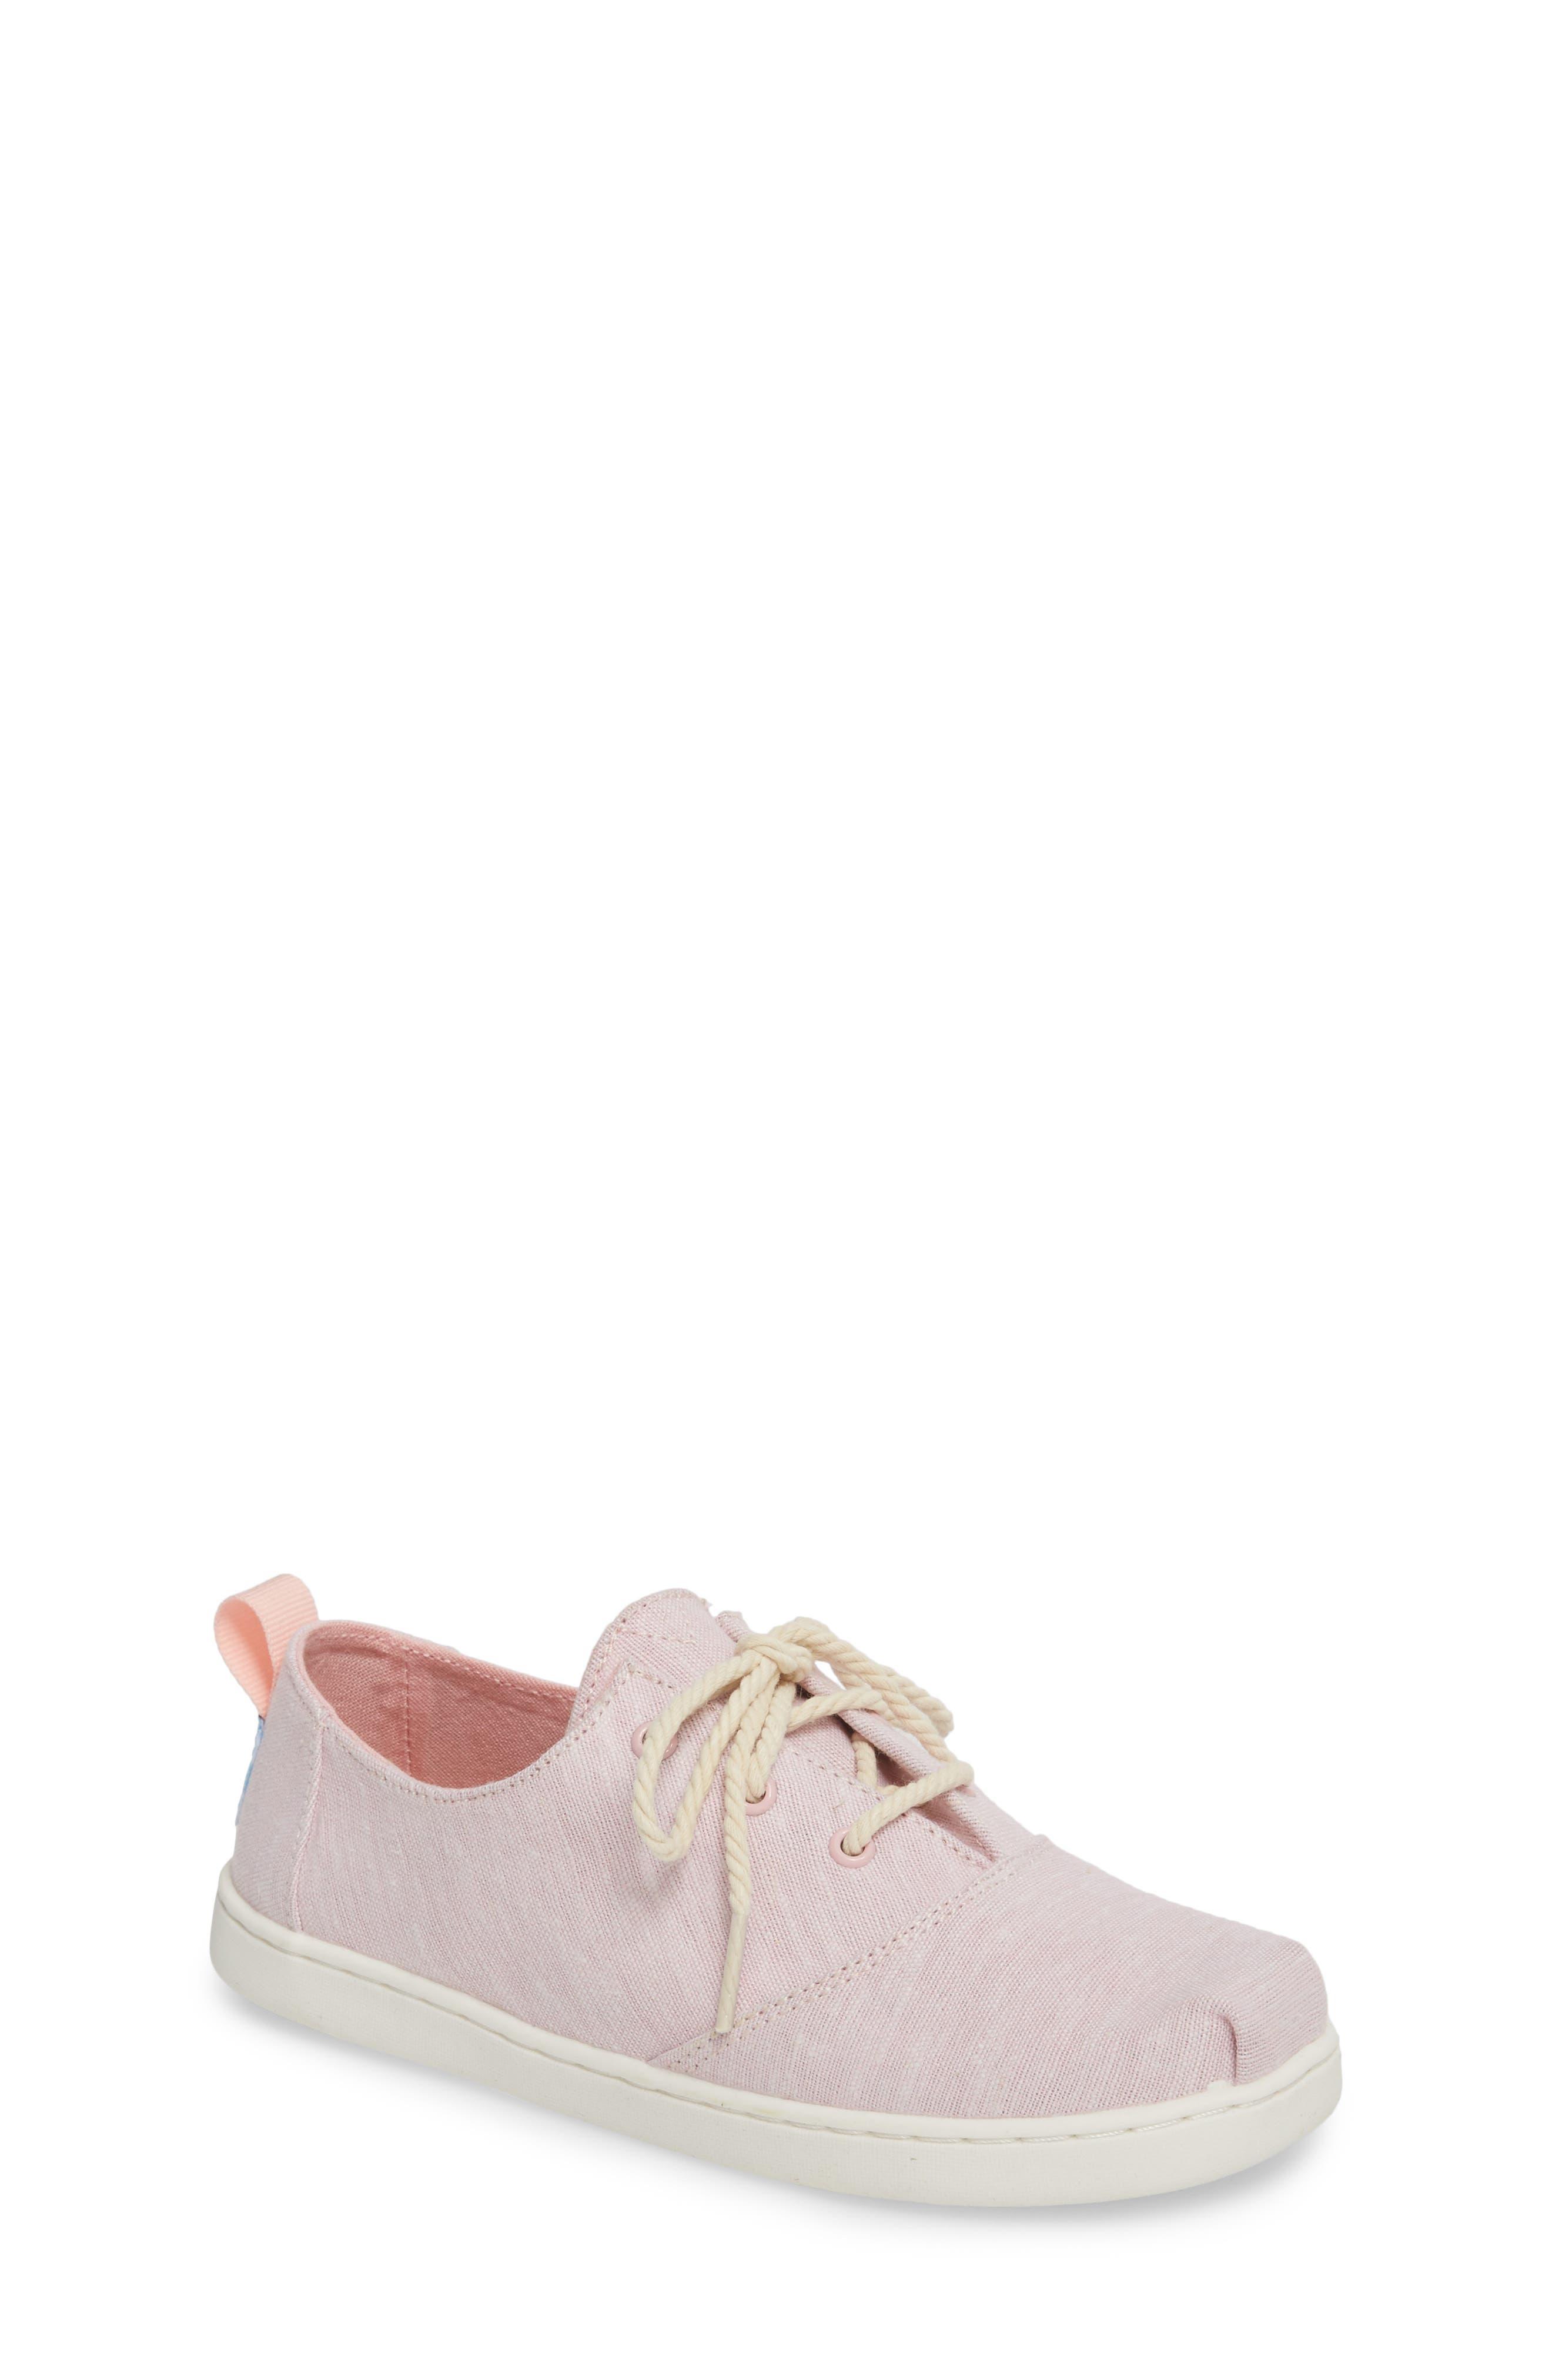 Lumin Sneaker,                             Main thumbnail 1, color,